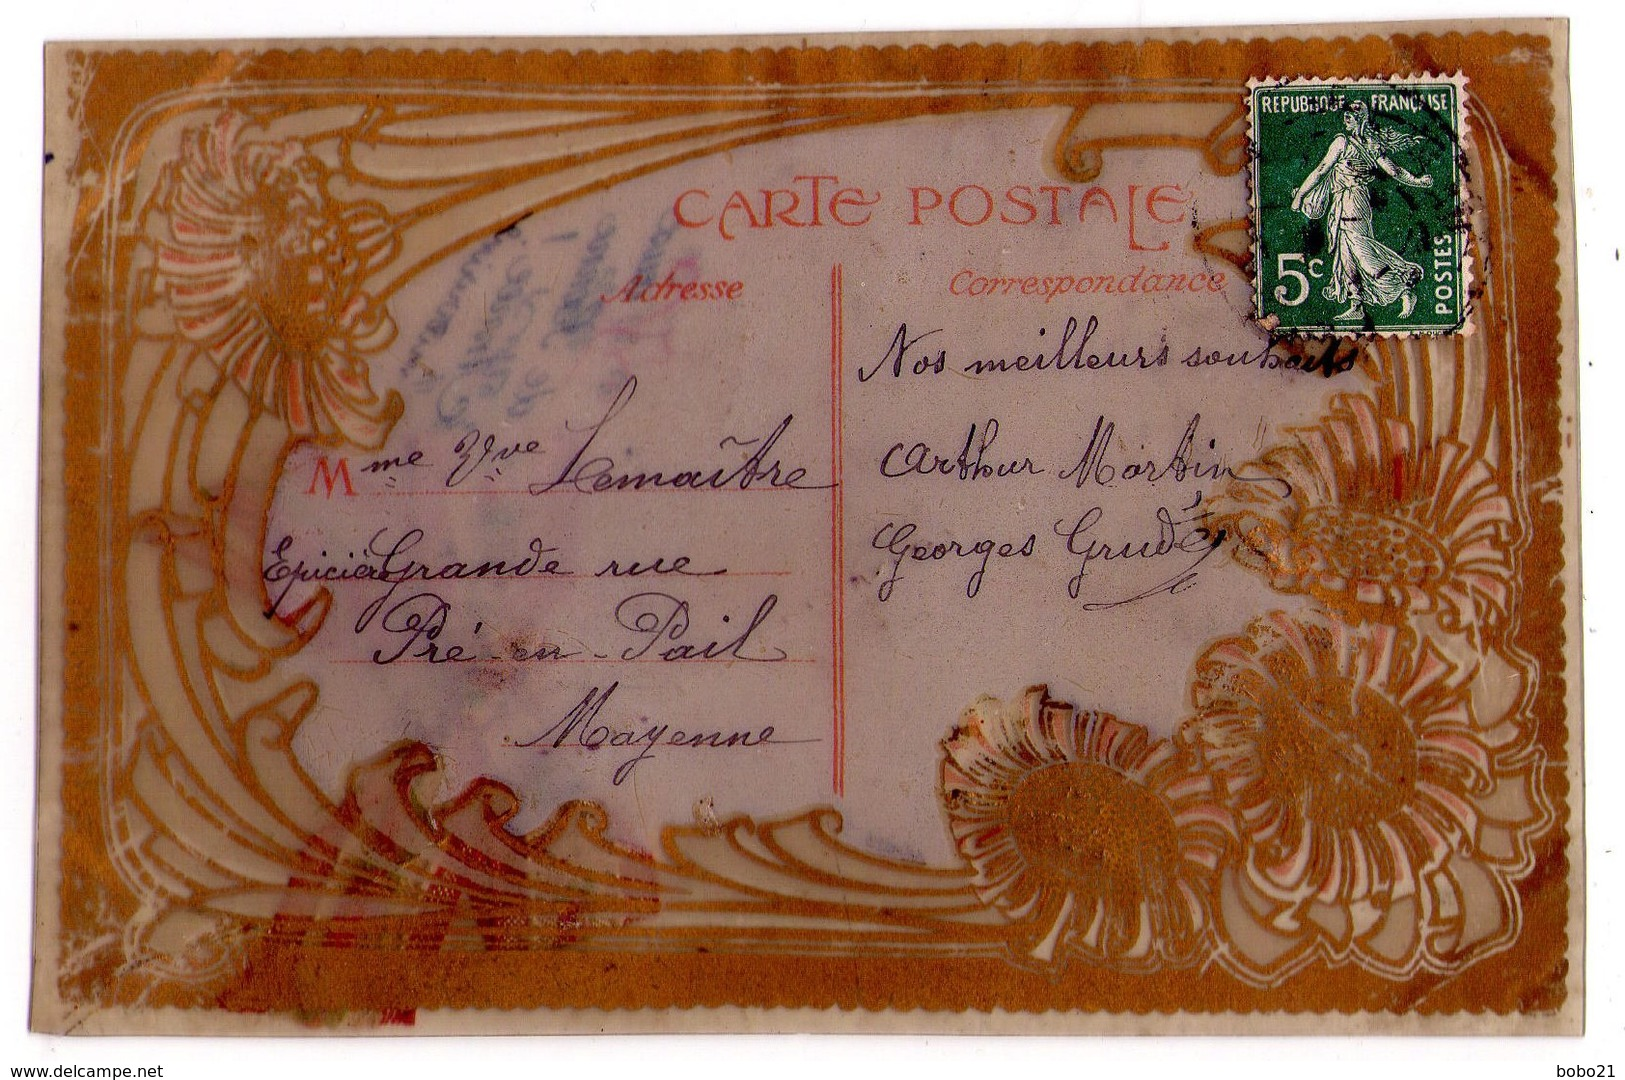 2880 - Cartes De Voeux En Celluloïd Avec Un Noeud En Ruban Brodé - - Cartes Postales